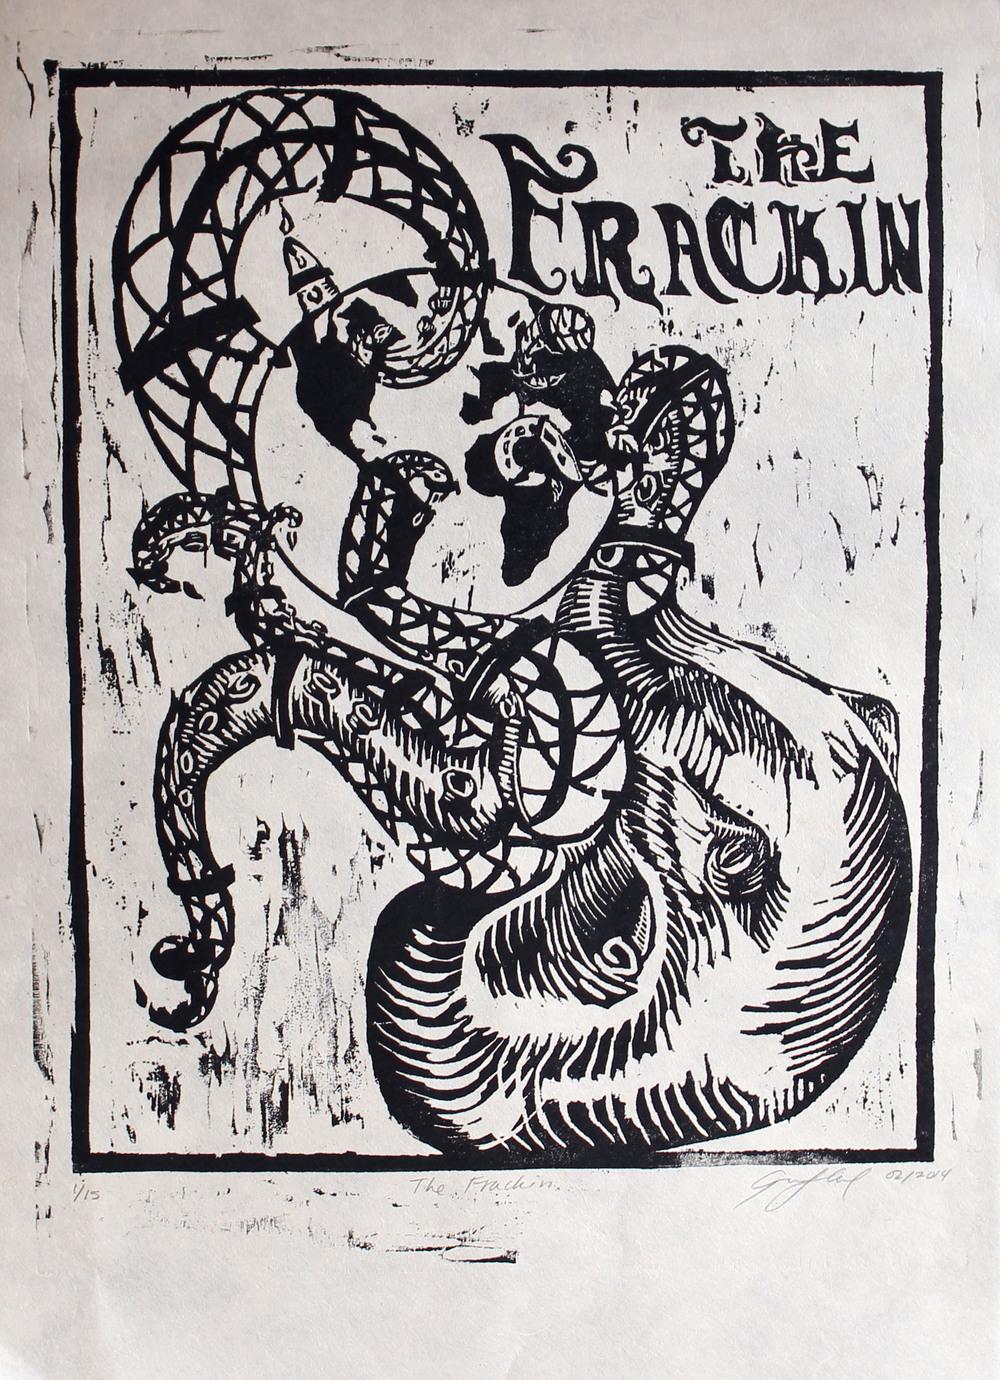 The Frackin